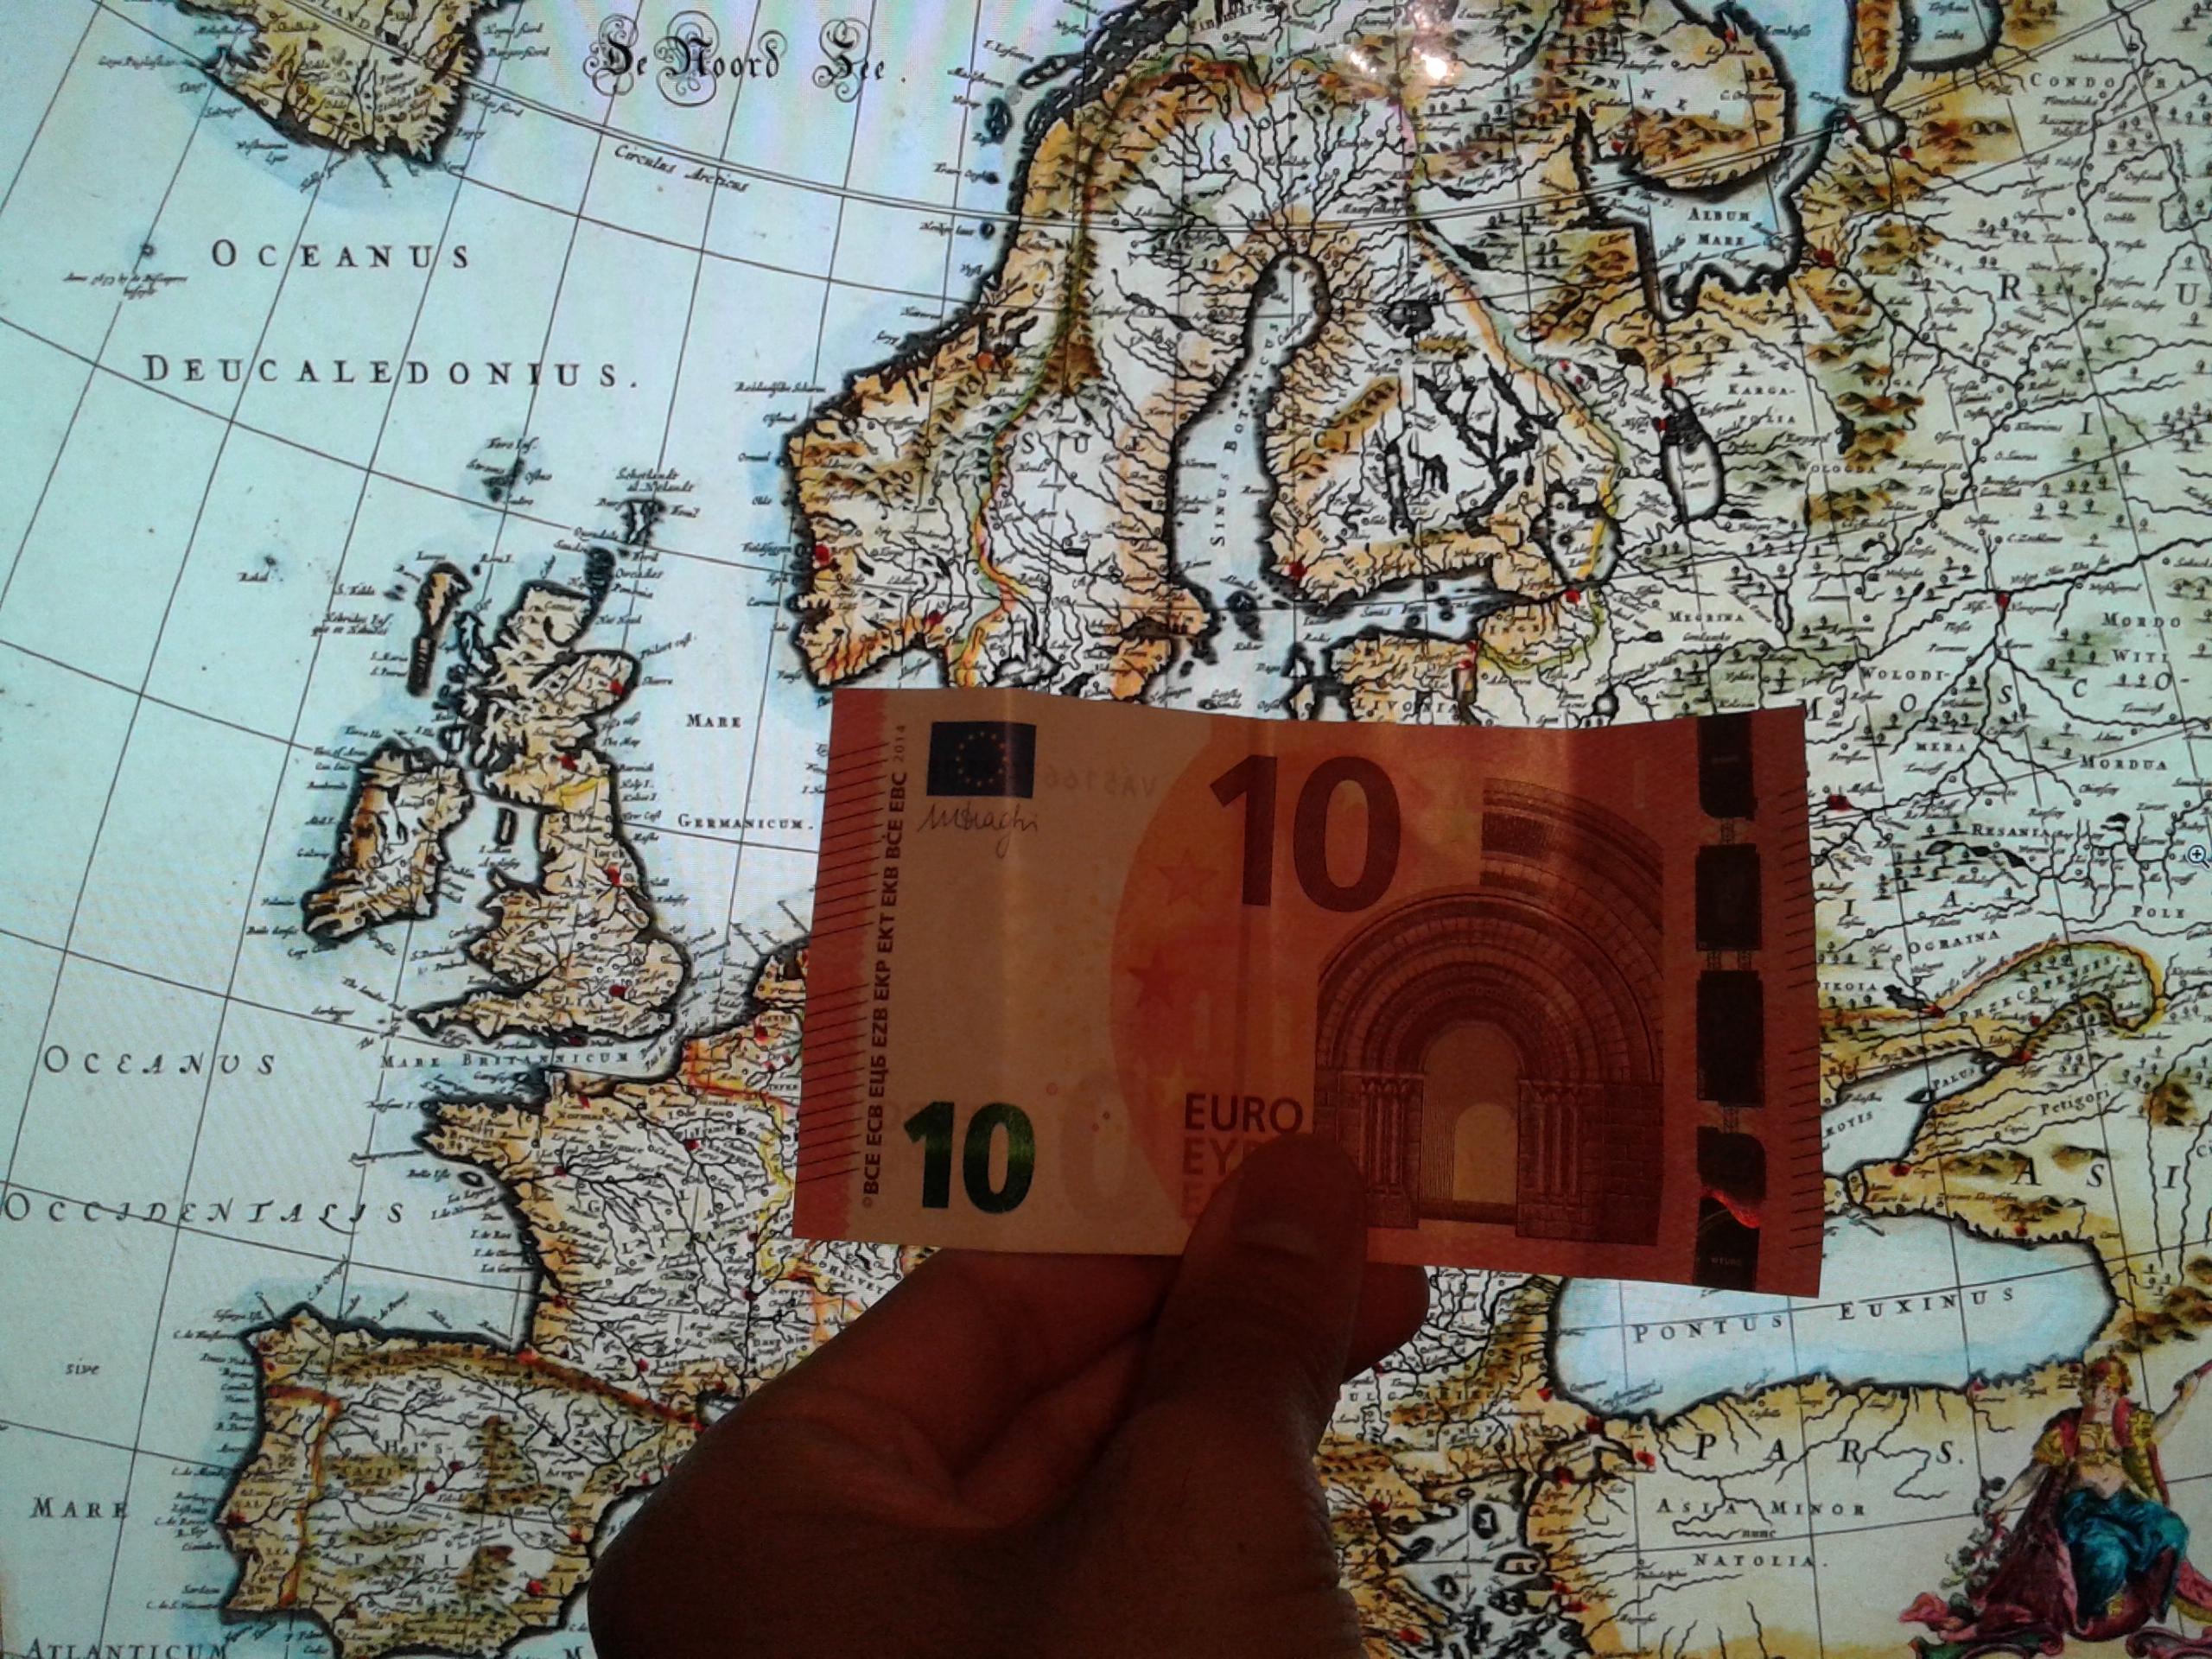 Un nuevo billete de 10 euros sobre un mapa de la vieja Europa.